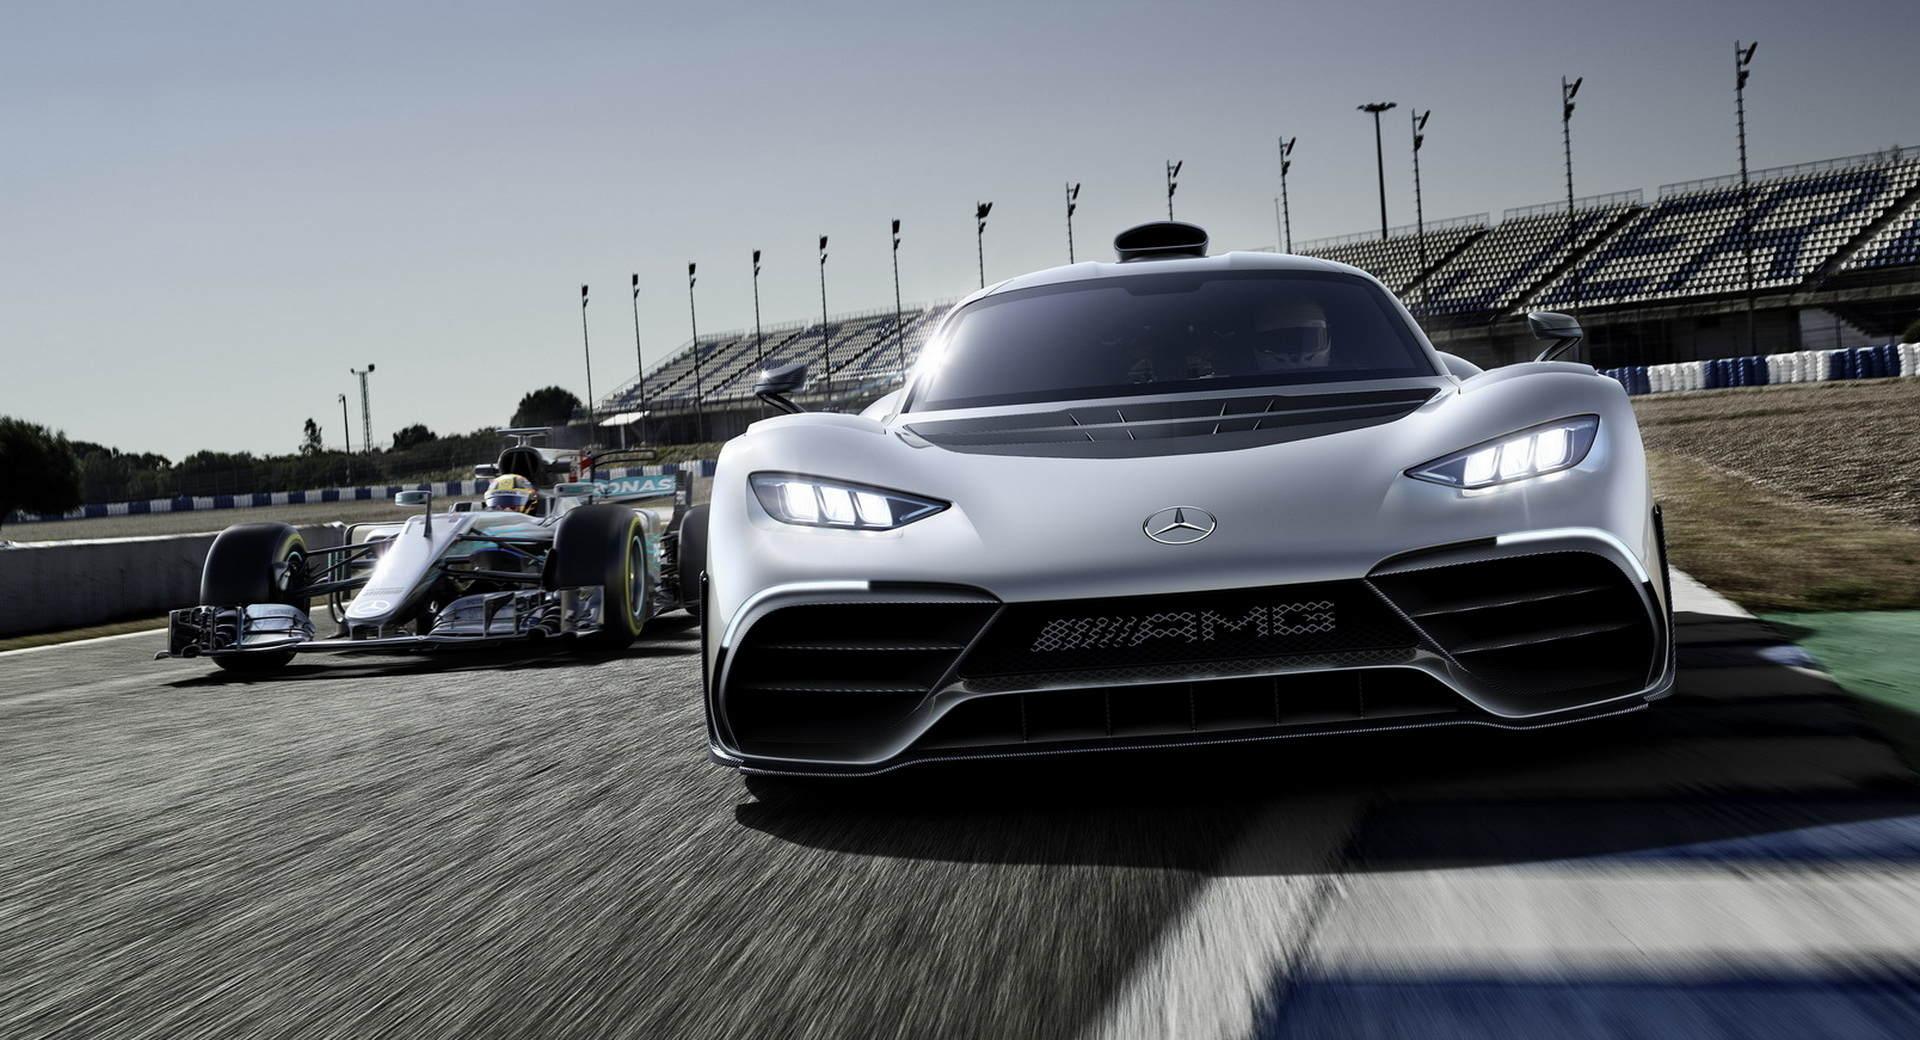 Mercedes Amg One 5